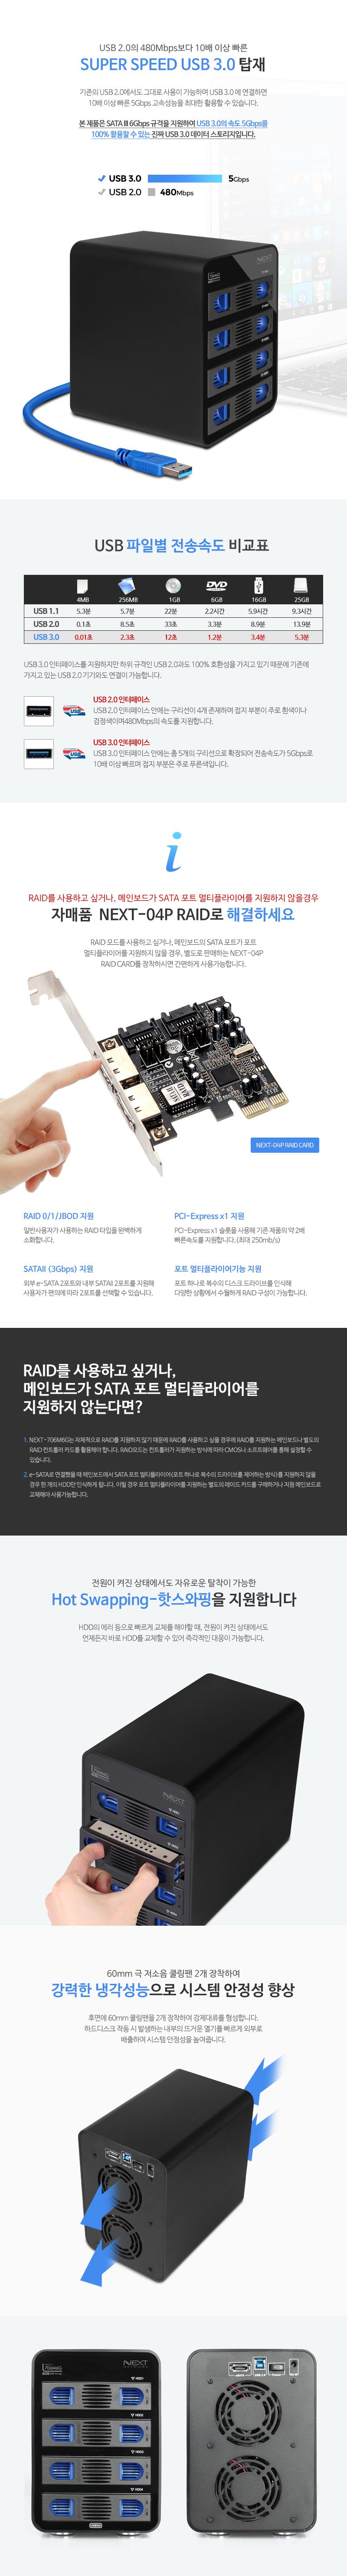 이지넷유비쿼터스 넥스트 NEXT-706M6G (4TB)